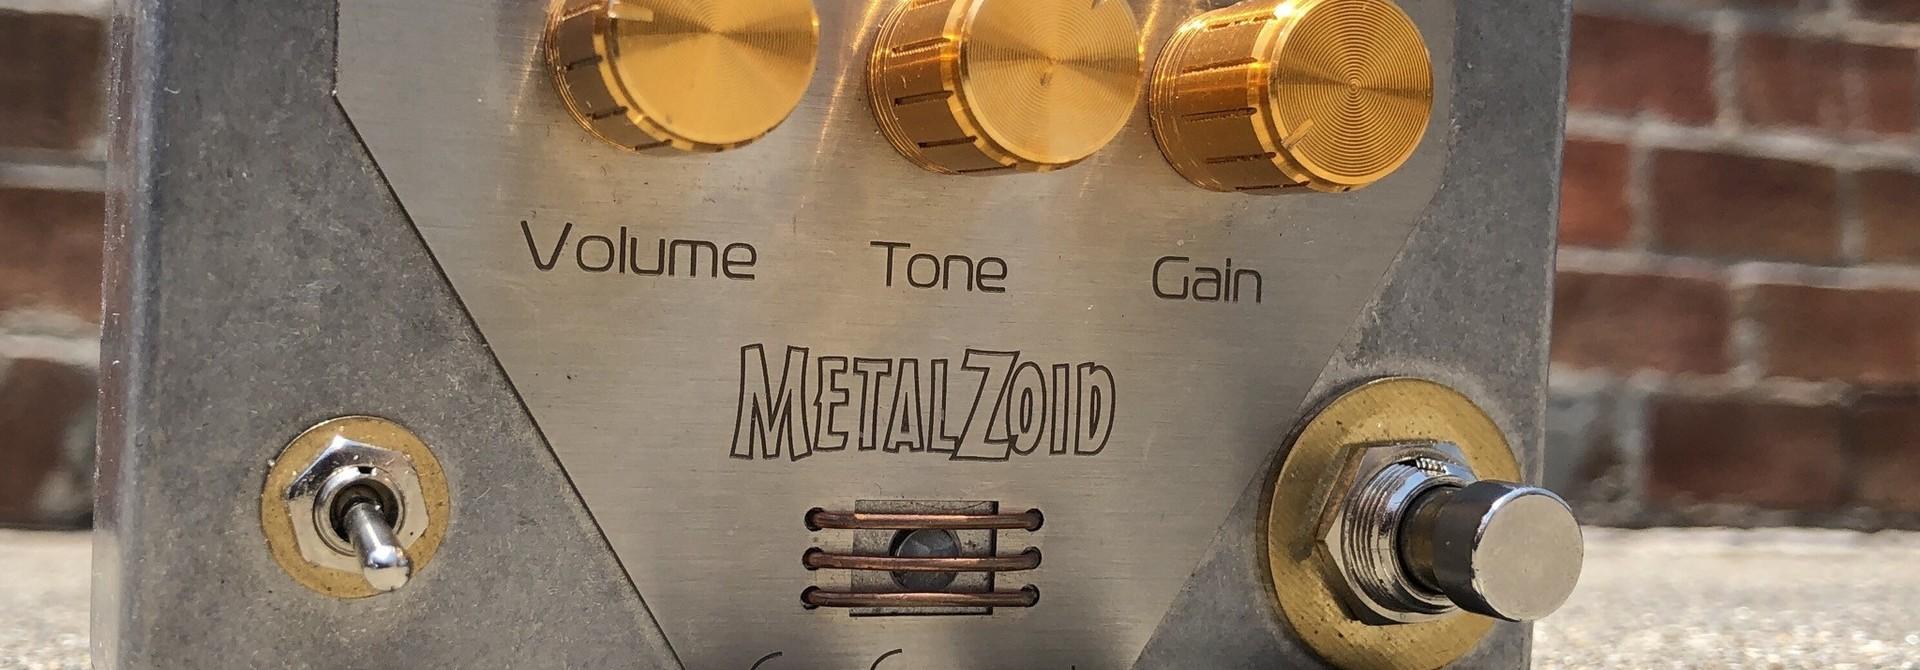 SviSound Metalzoid Overdrive/Distortion